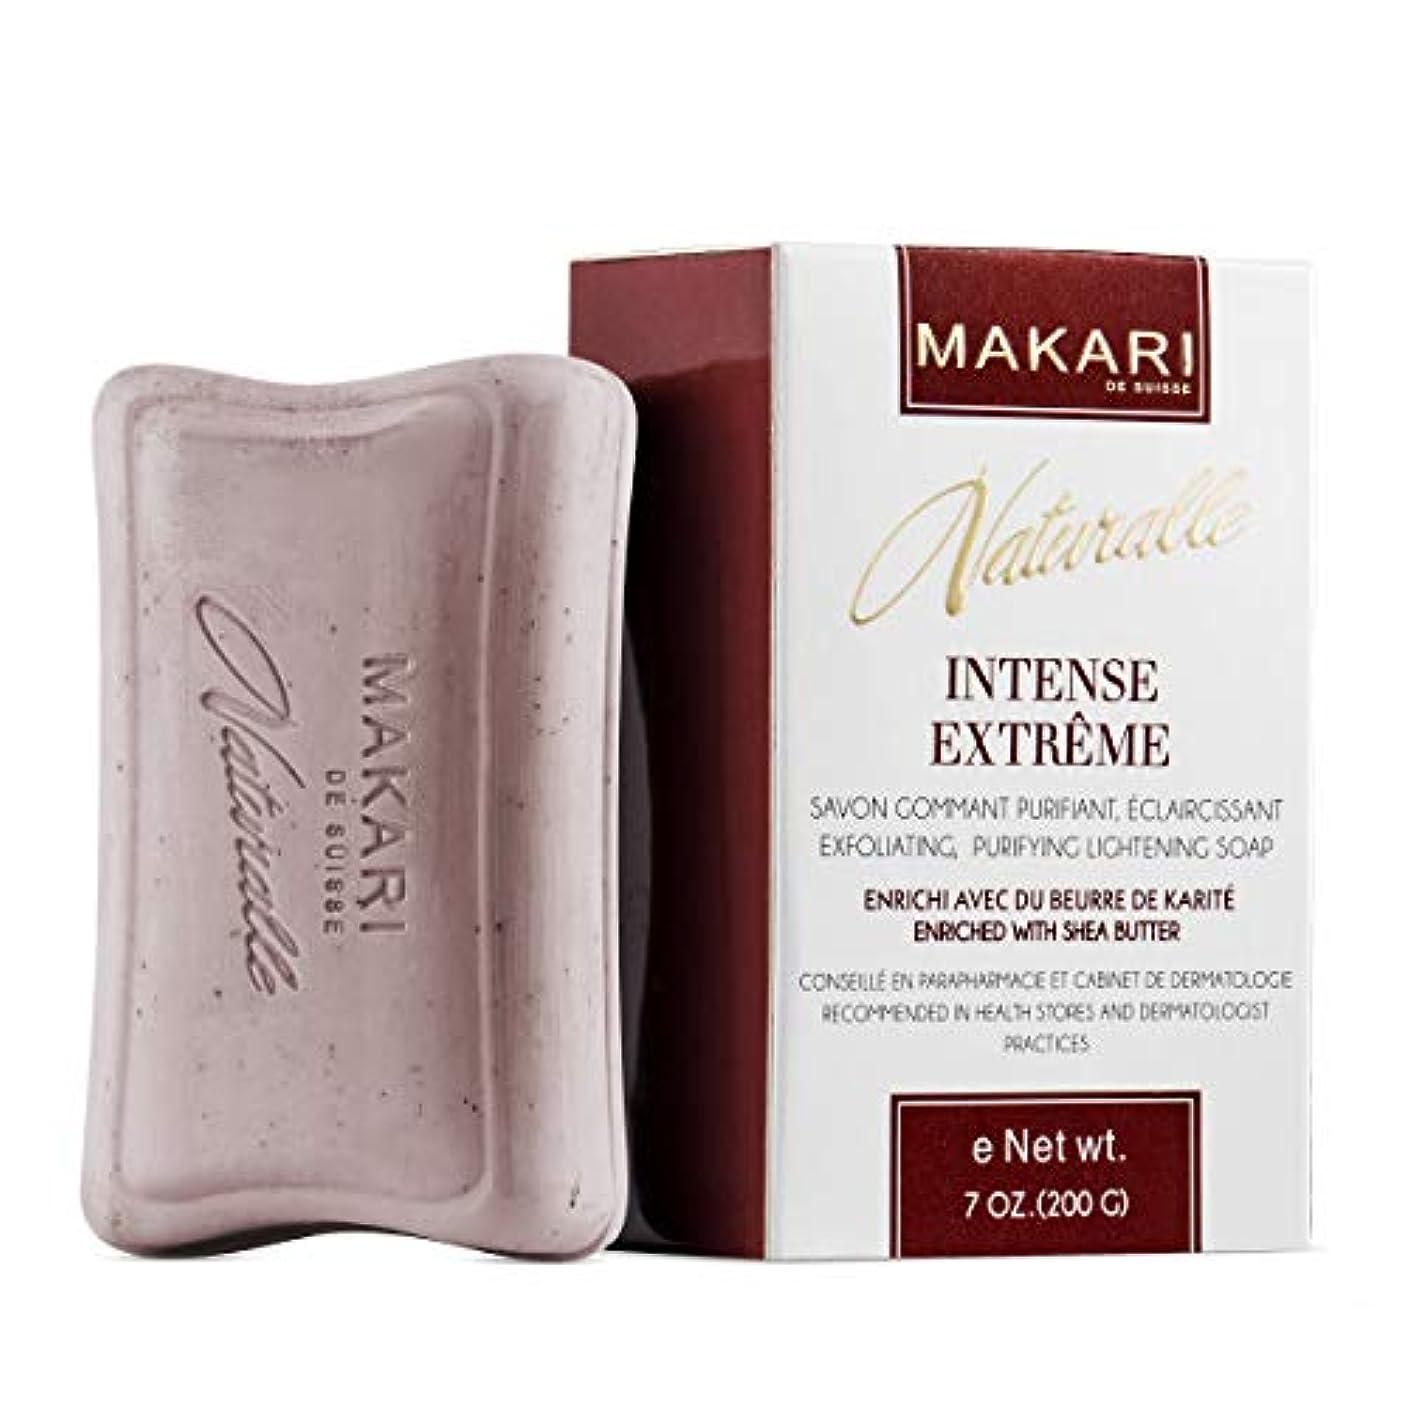 見通し有名控えるMAKARI ナチュラーレ 集中強力美白ソープ 200g(7オンス)シアバター配合の角質除去&浄化&美白石鹸 SPF15 シミ、ニキビ跡、シワのためのアンチエイジングクレンジングトリートメント